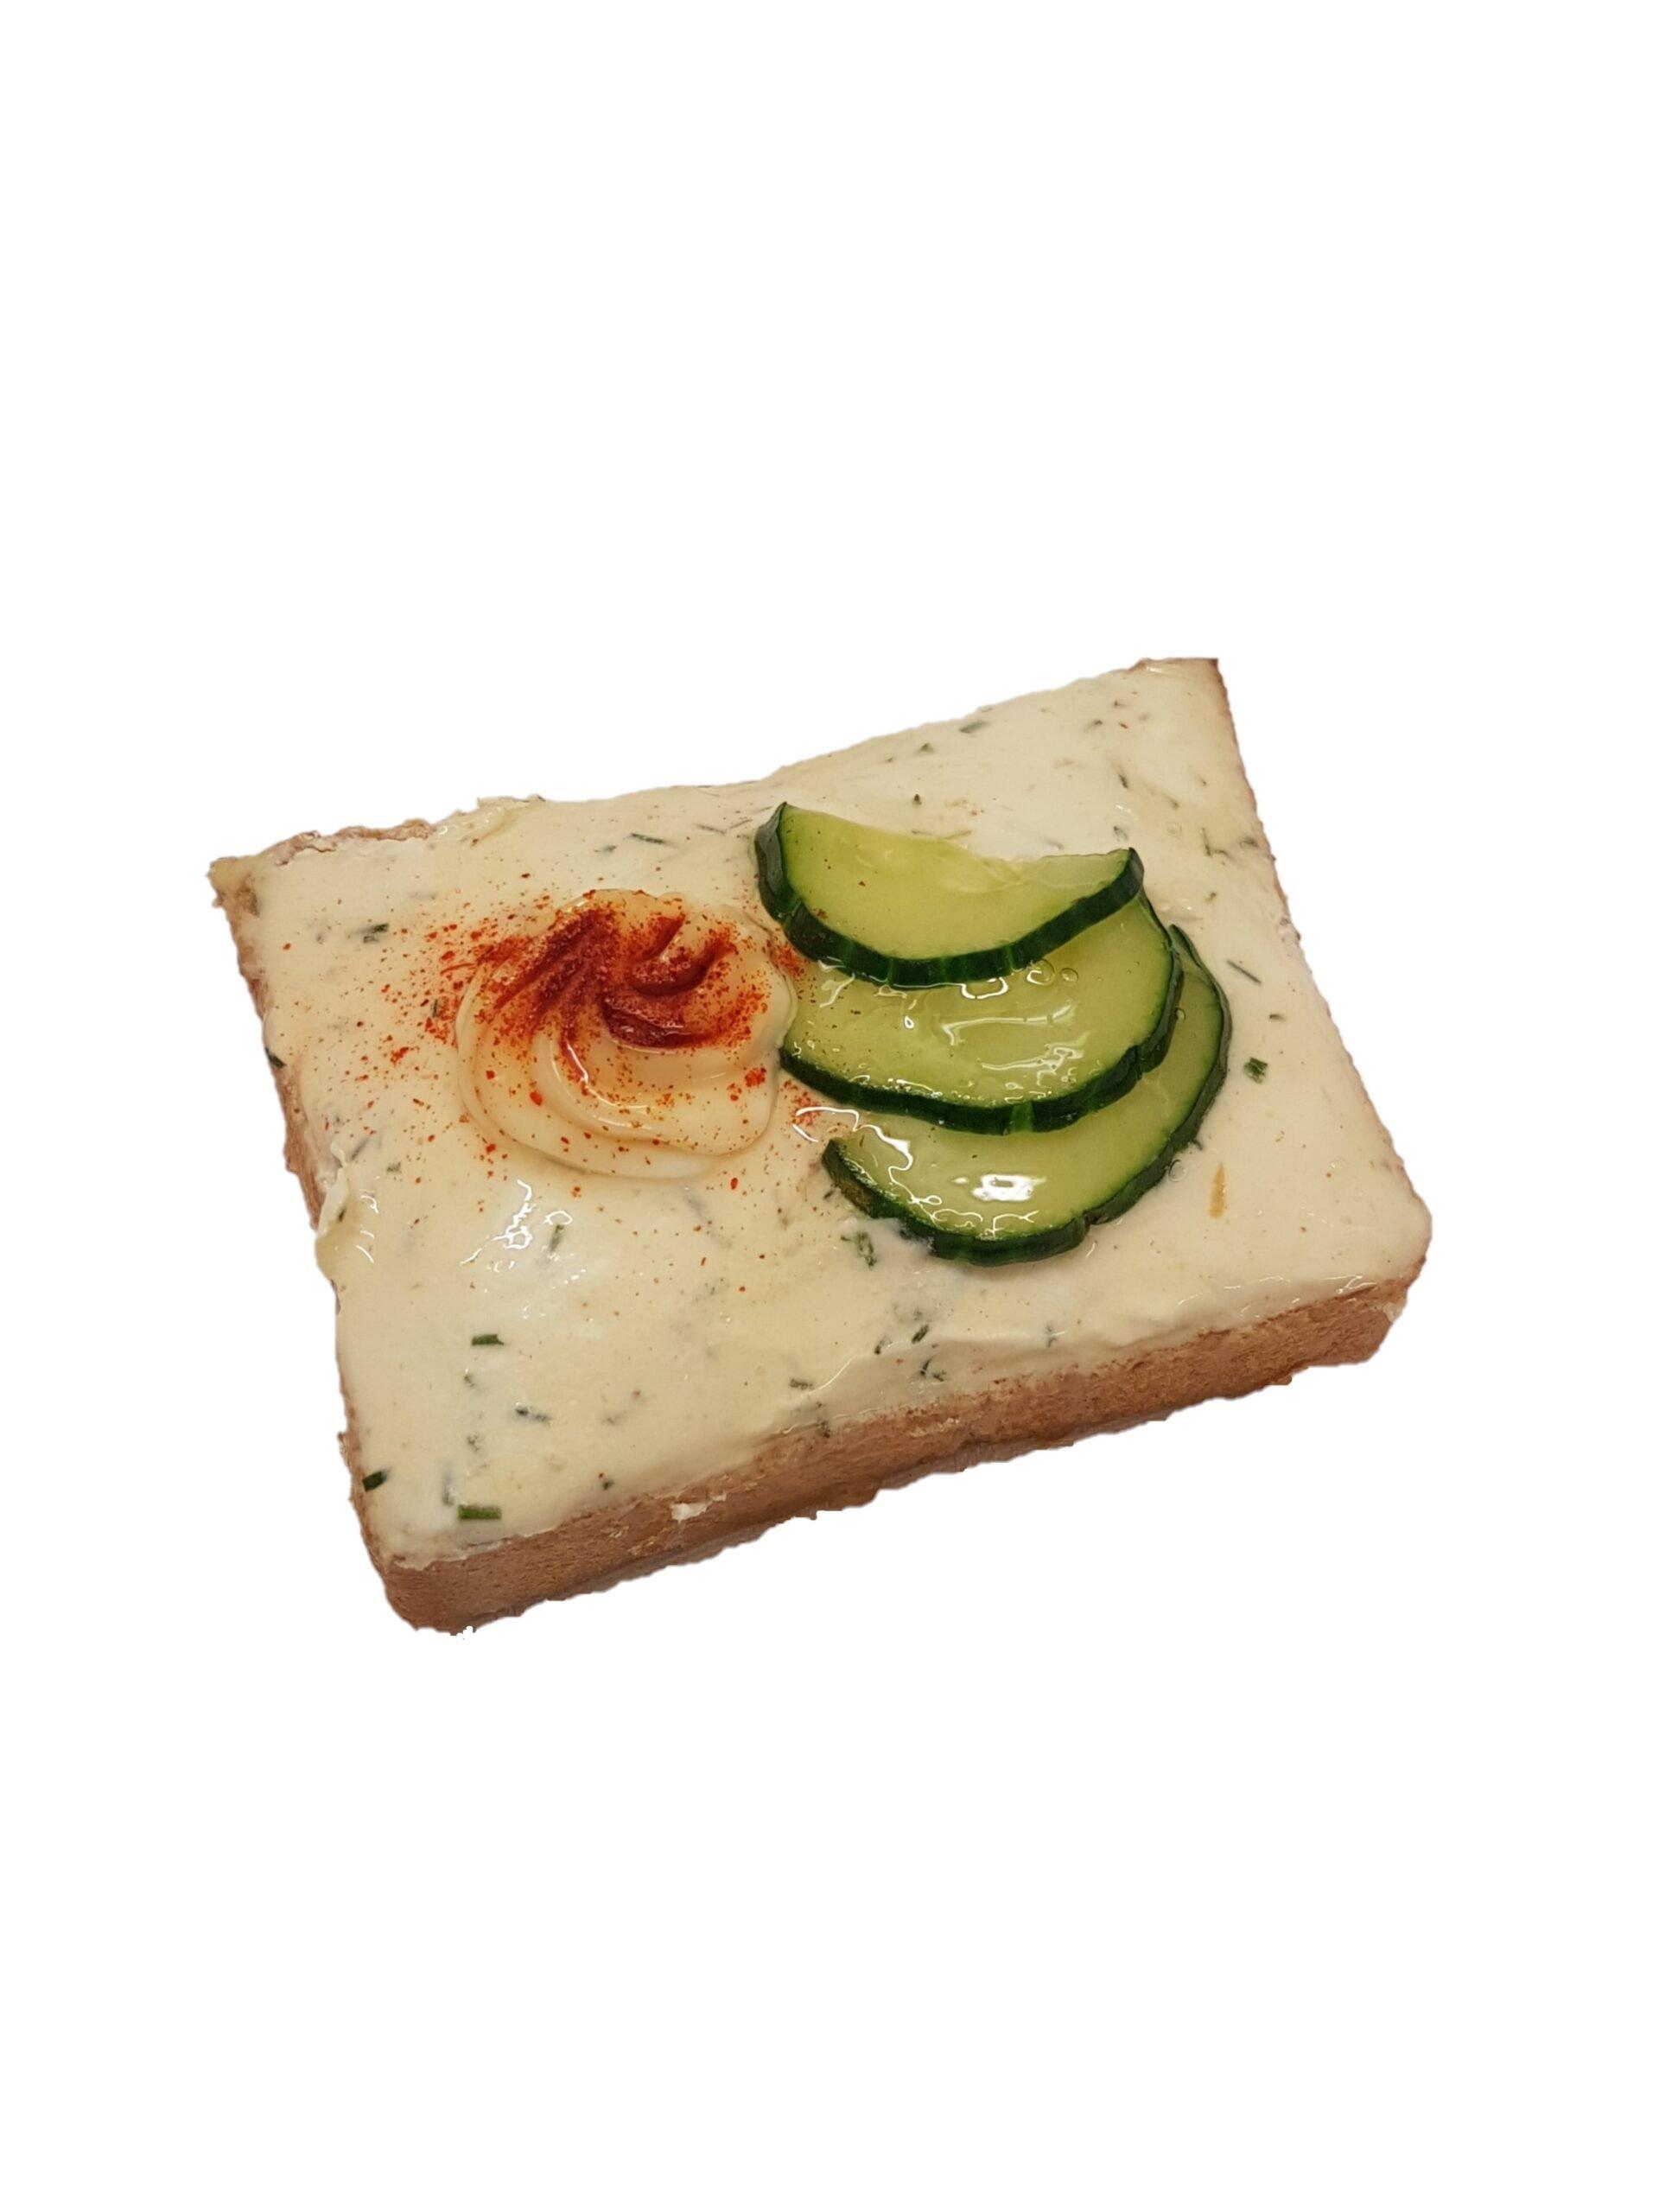 Canape Frischkäse